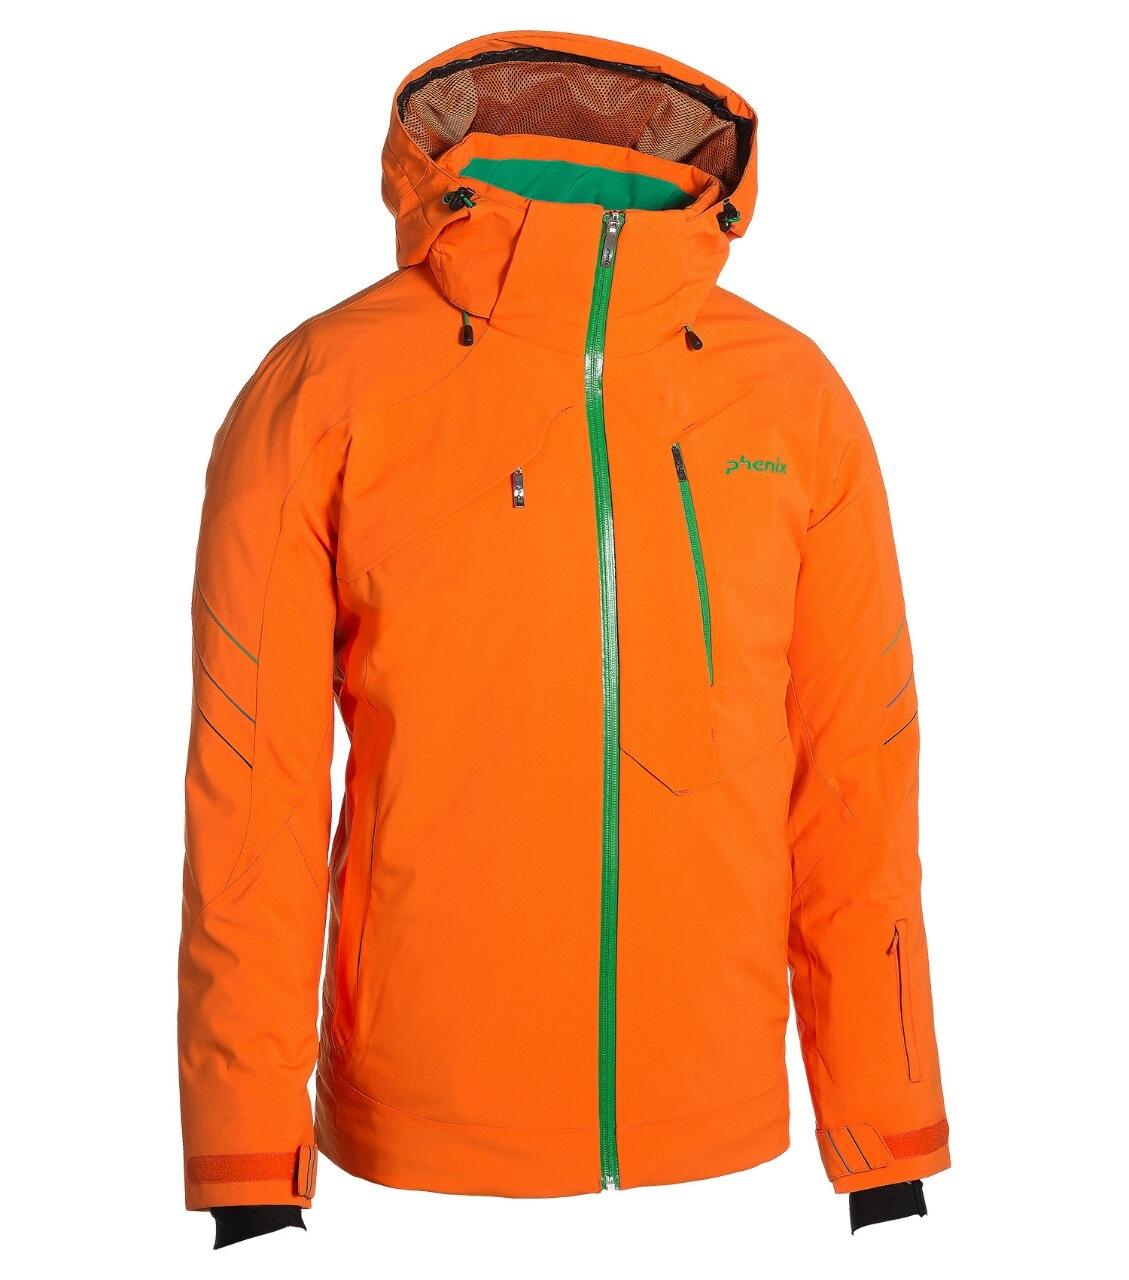 d670647e3c Phenix / sí/snowboard kabát - Tormasport